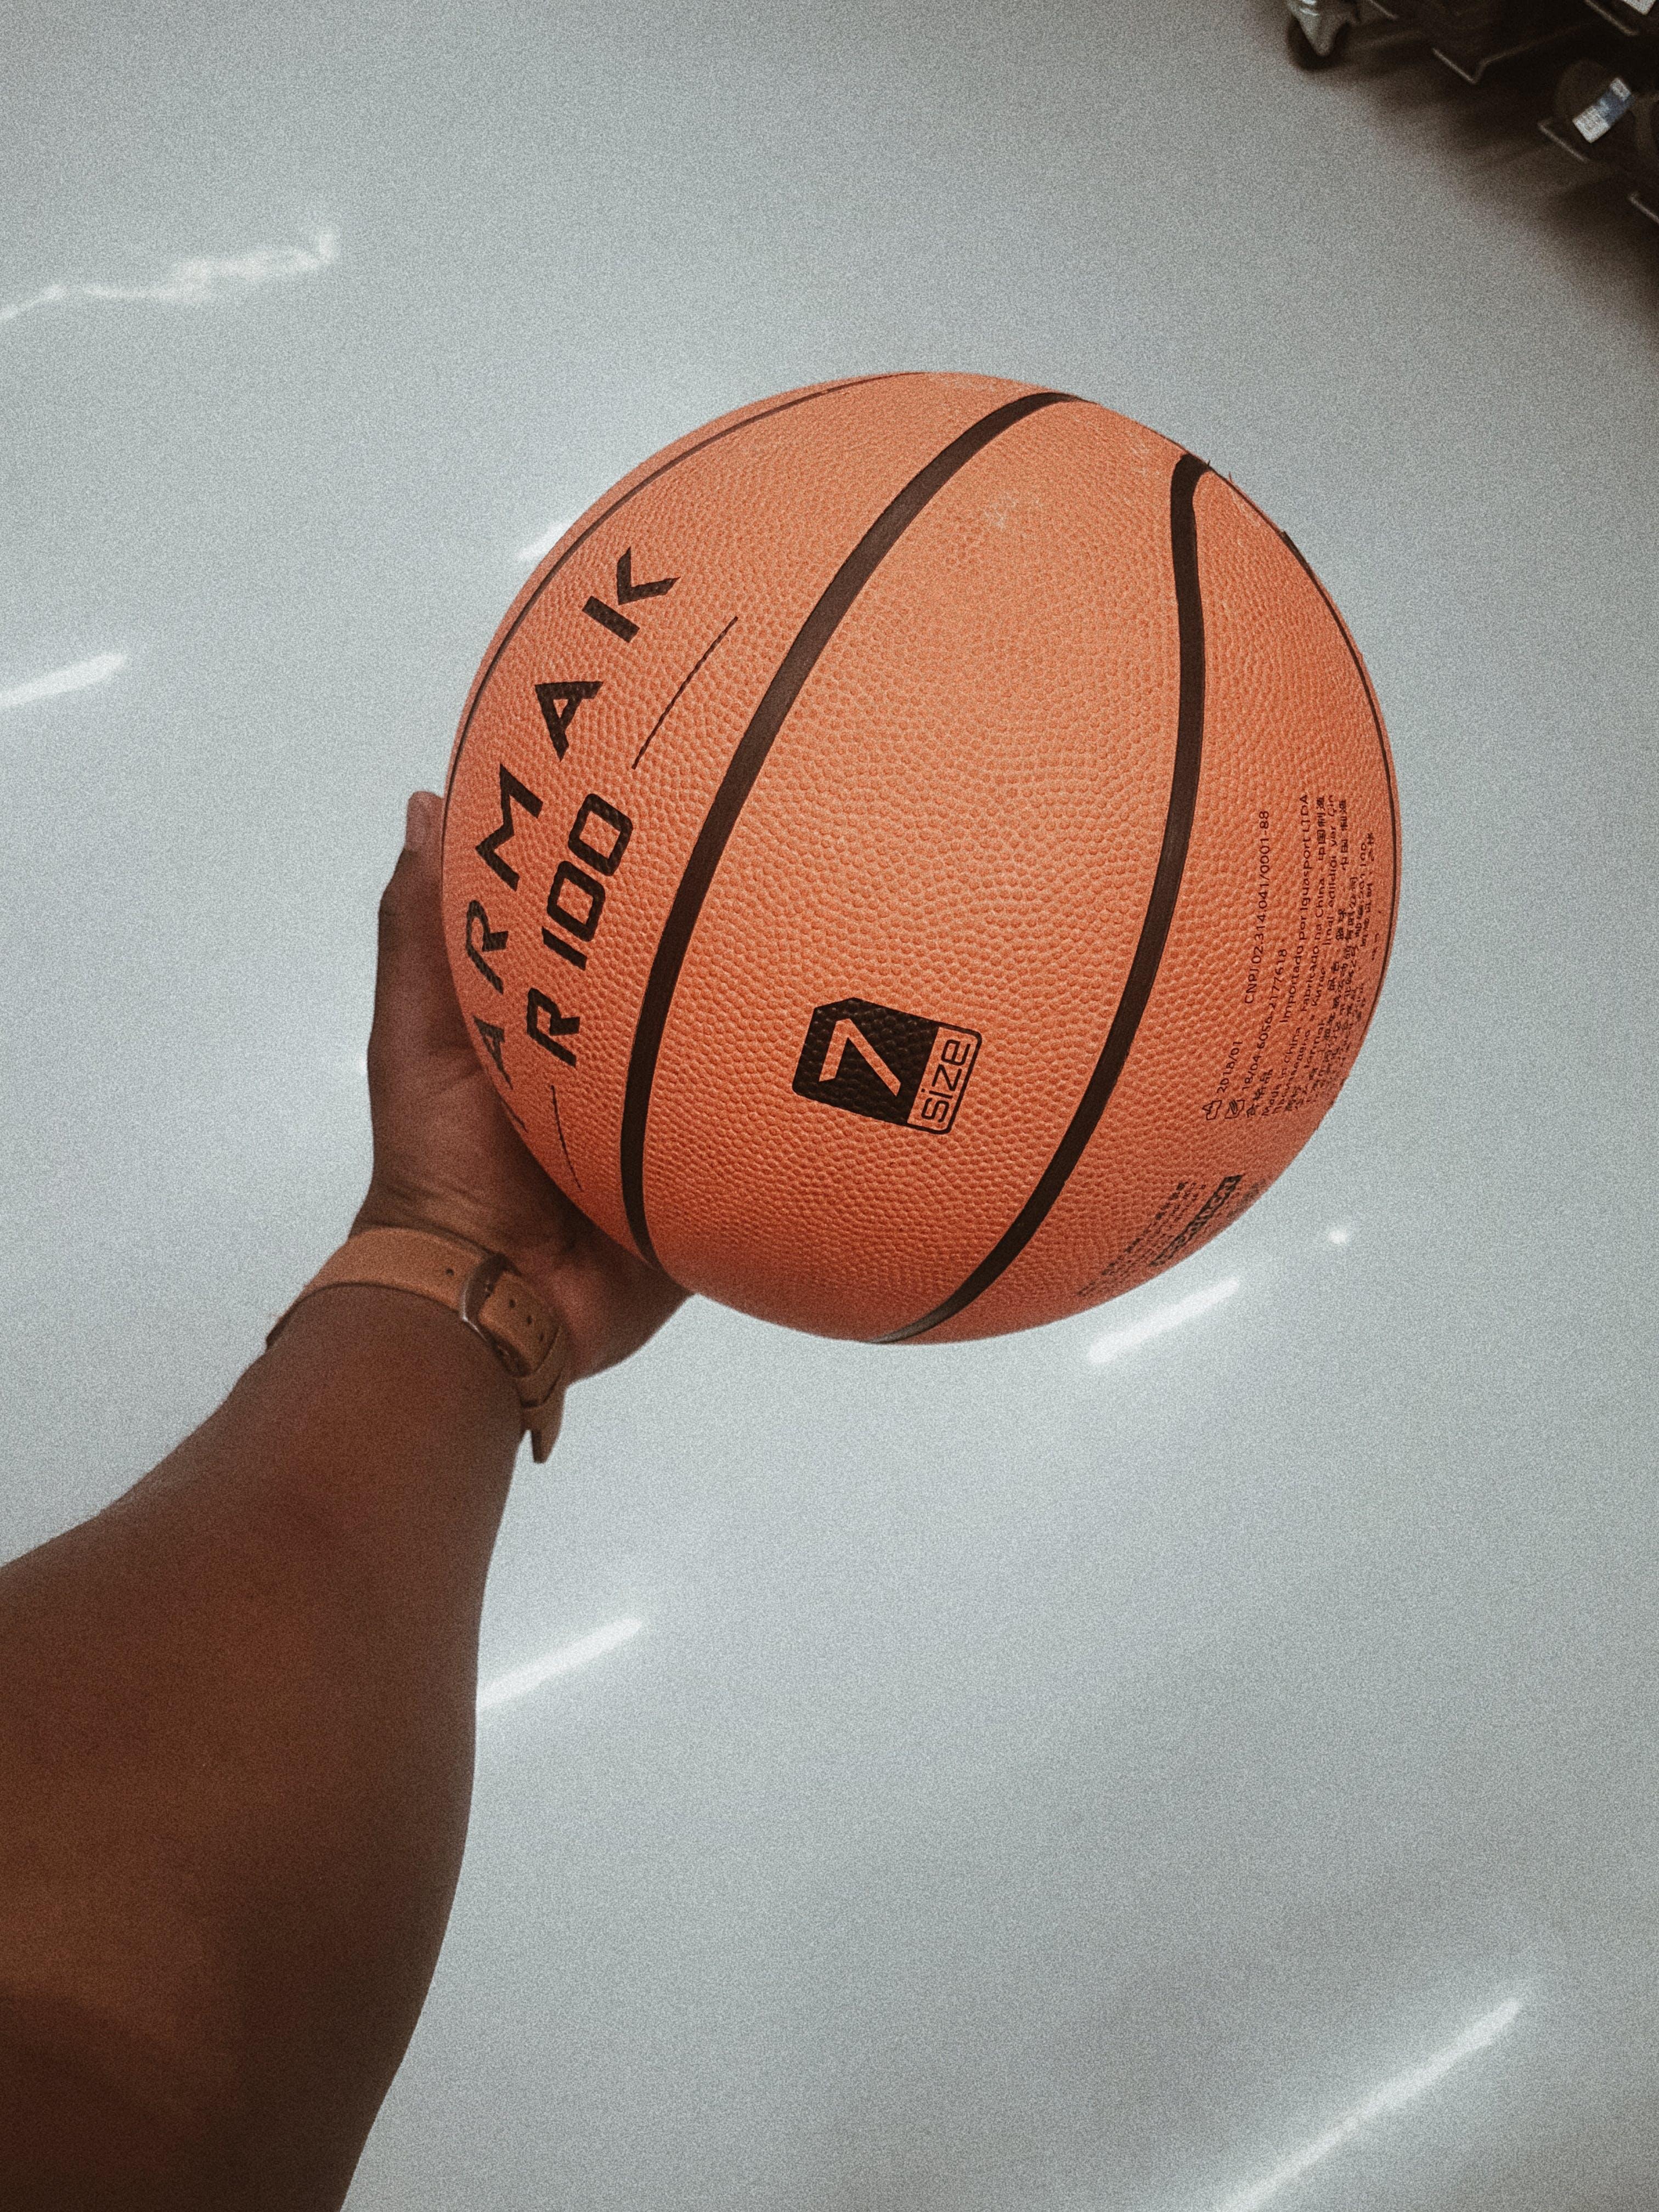 Foto stok gratis atlet, bola, bola basket, dalam ruangan